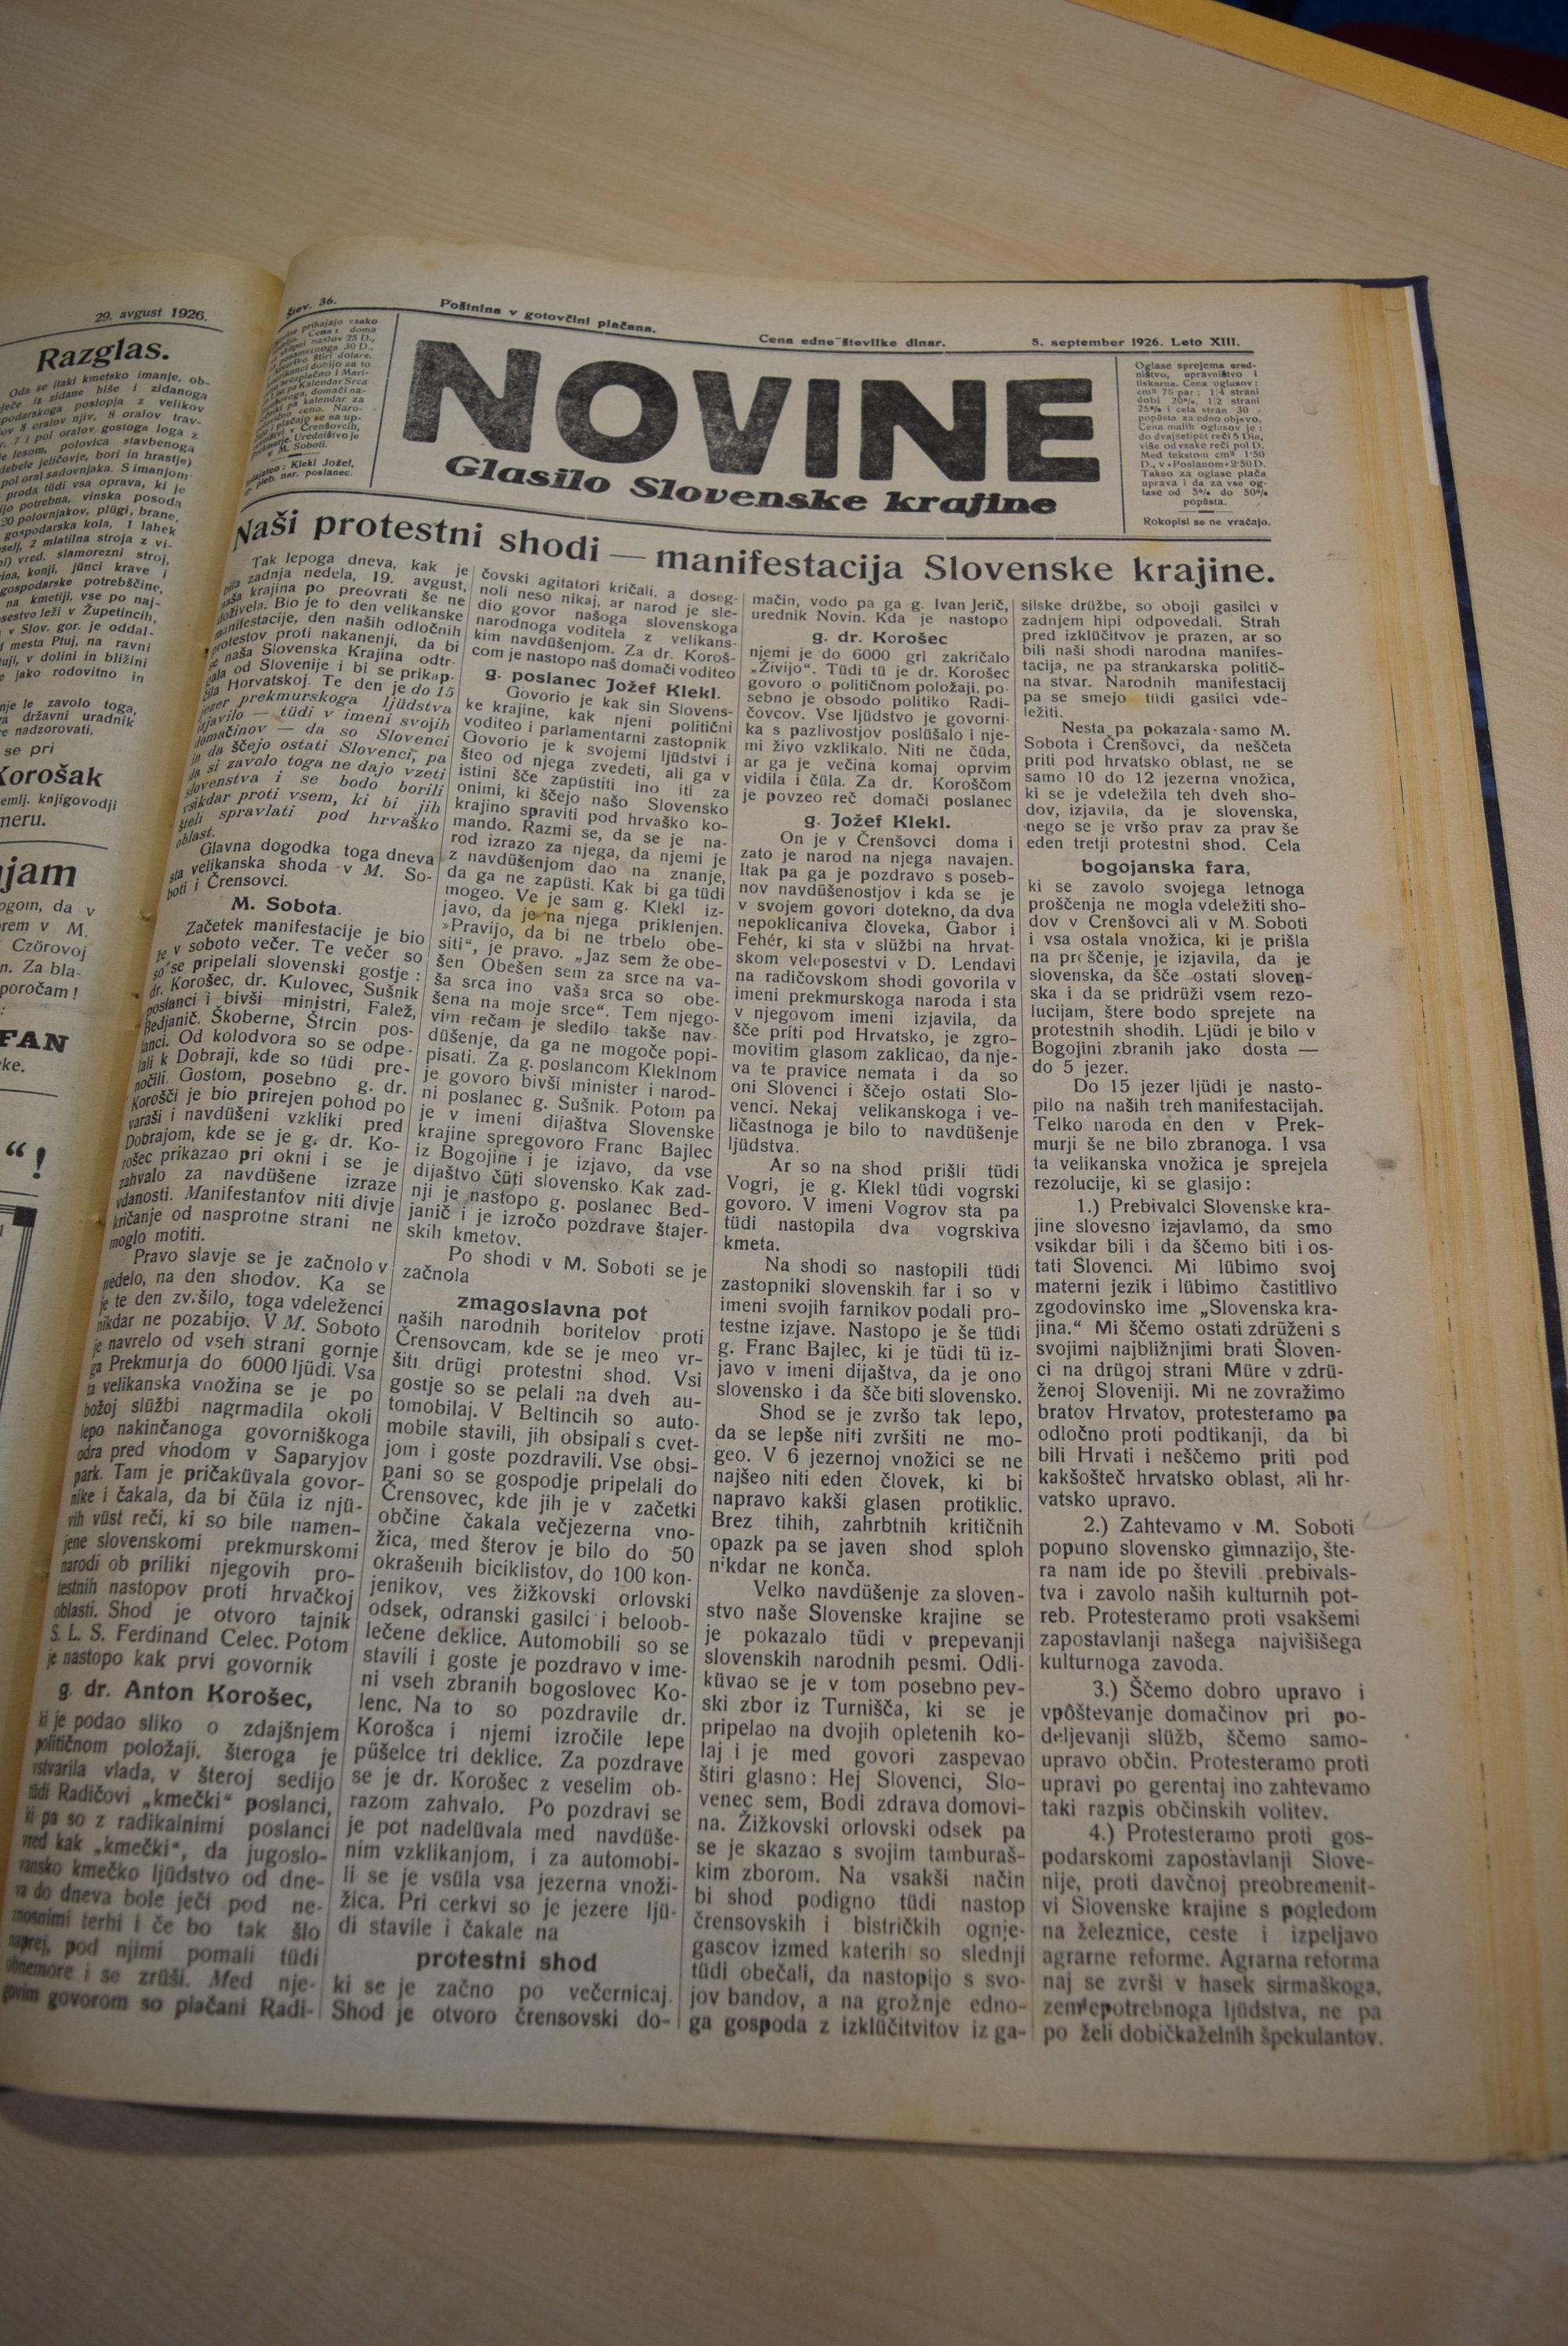 bogojinska-resolucija-v-kleklovih-novinah